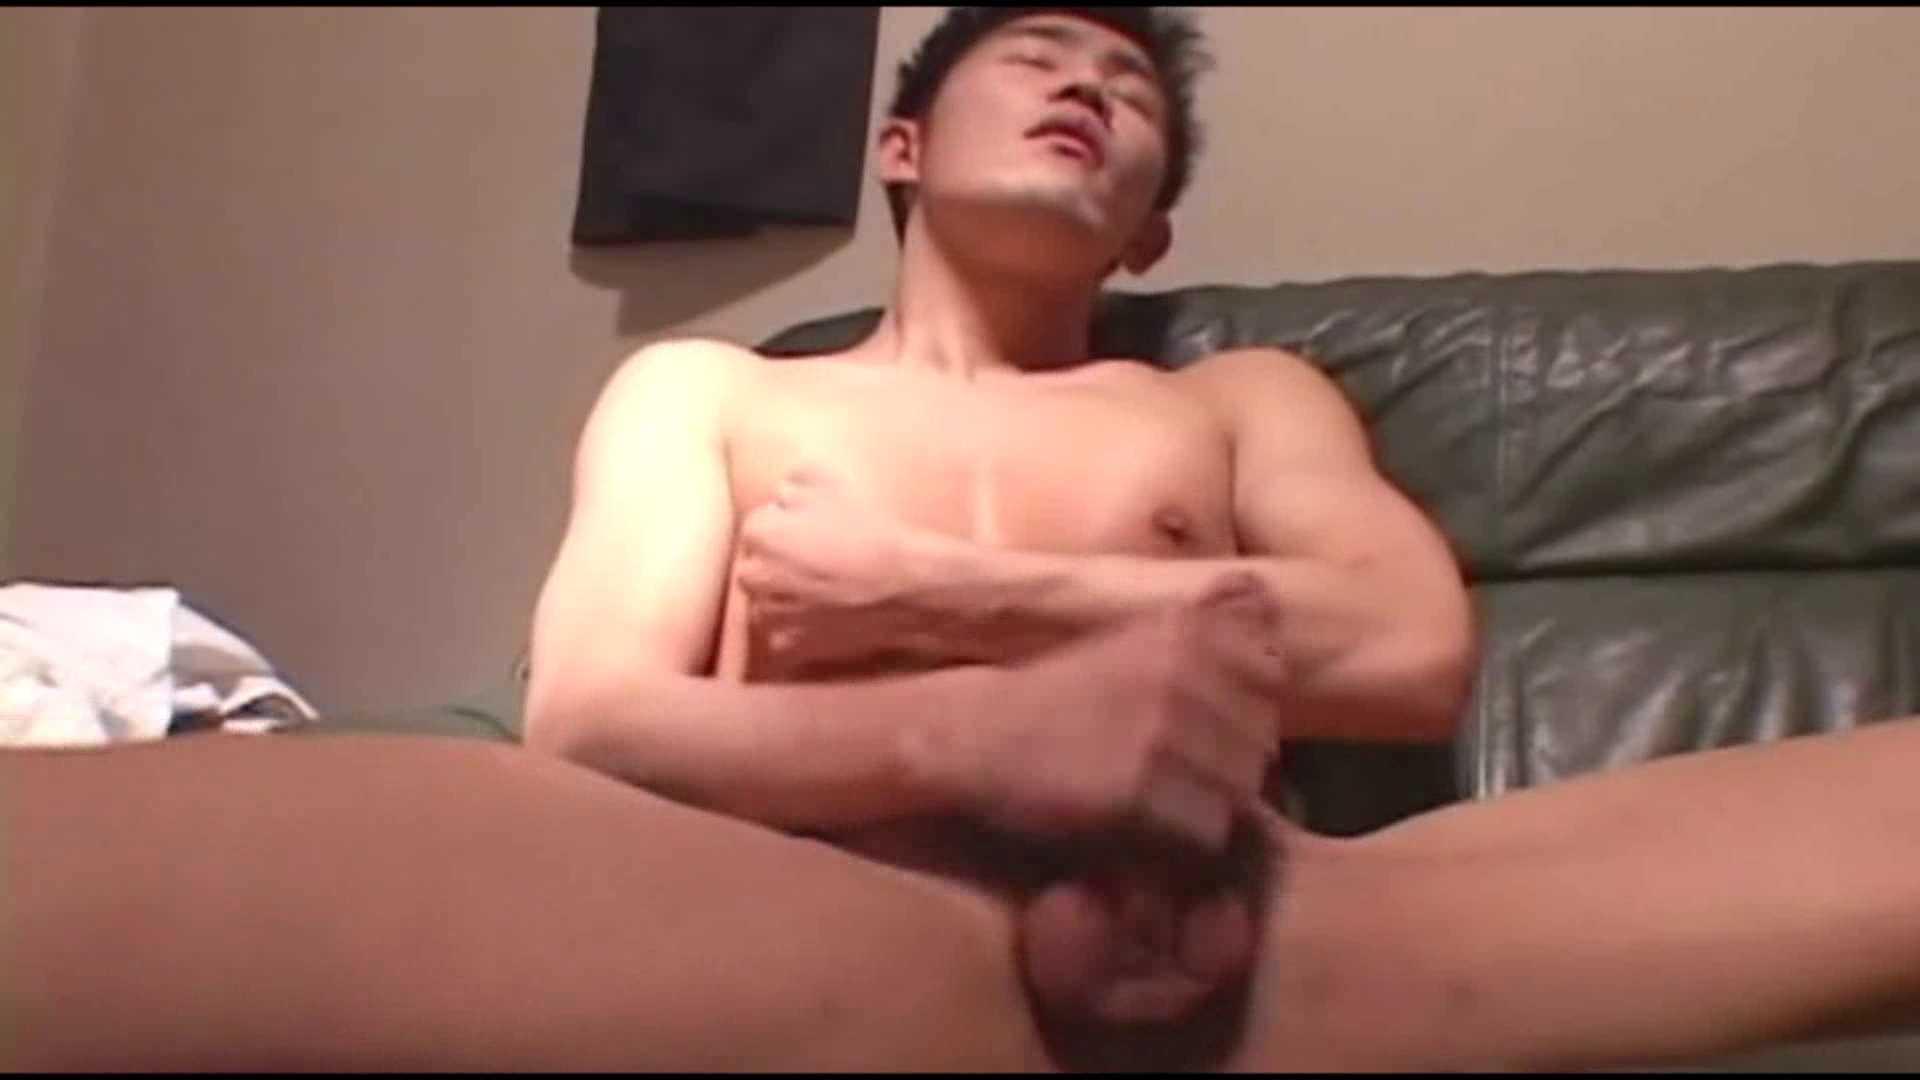 ショウ&ナオキのエロMAXファンタジーVOL.02(ショウ編) スジ筋系男子 ちんこ画像 100枚 61